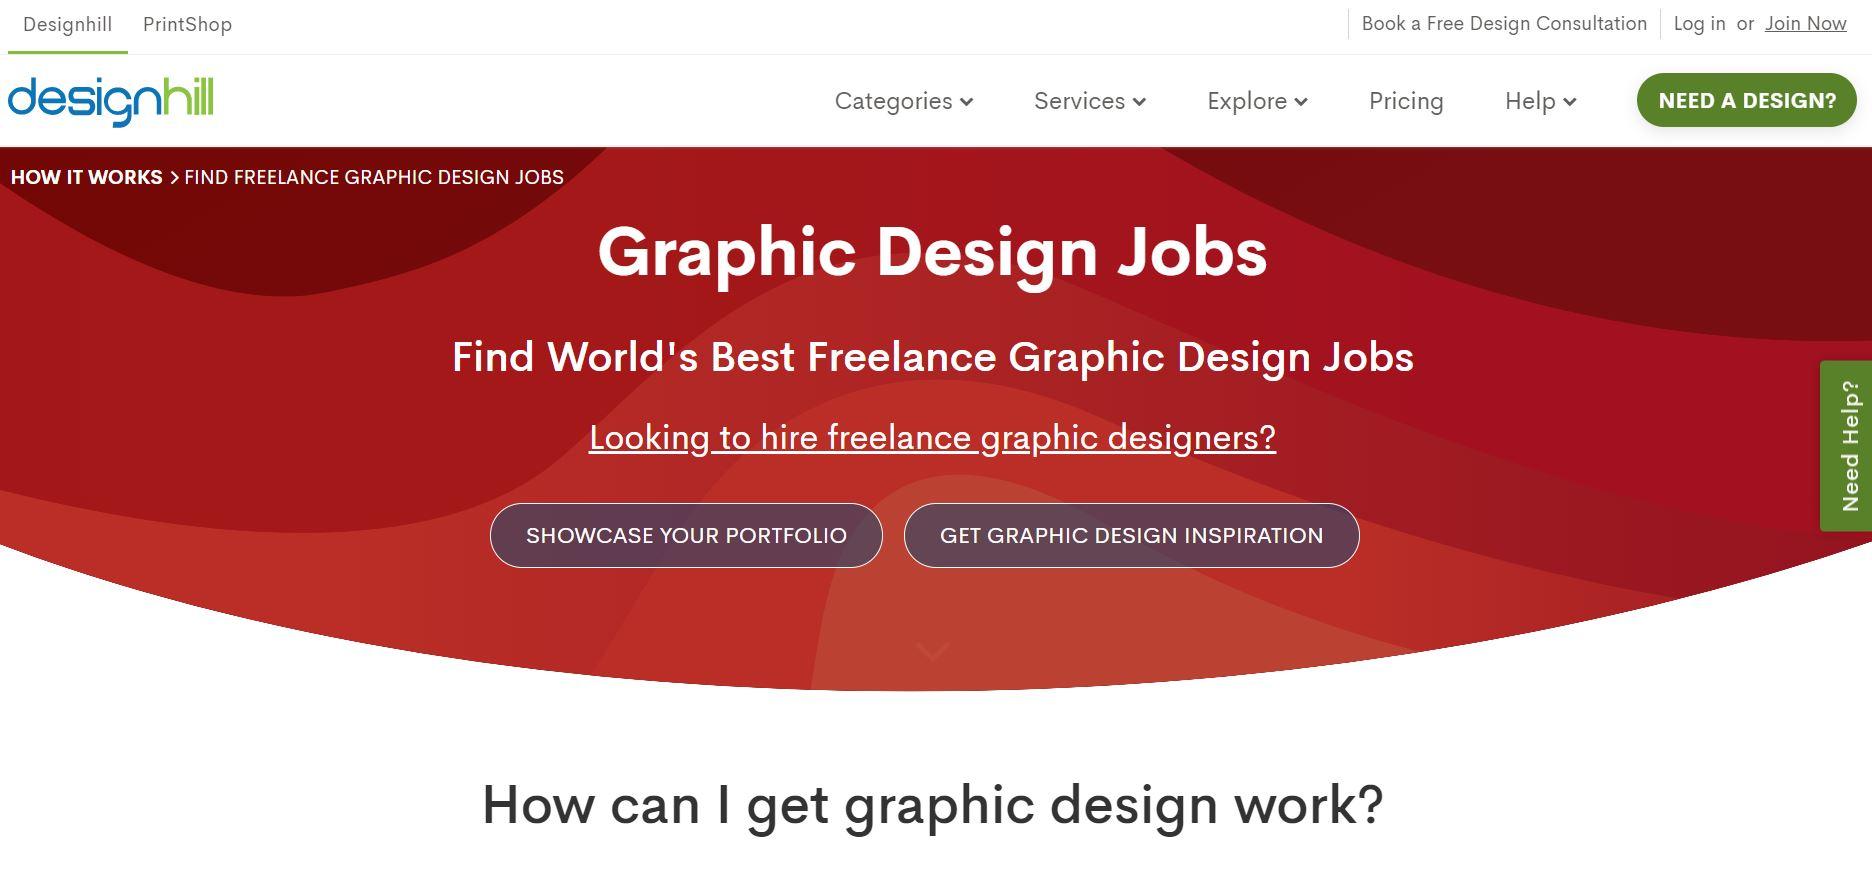 Designhill's website screenshot